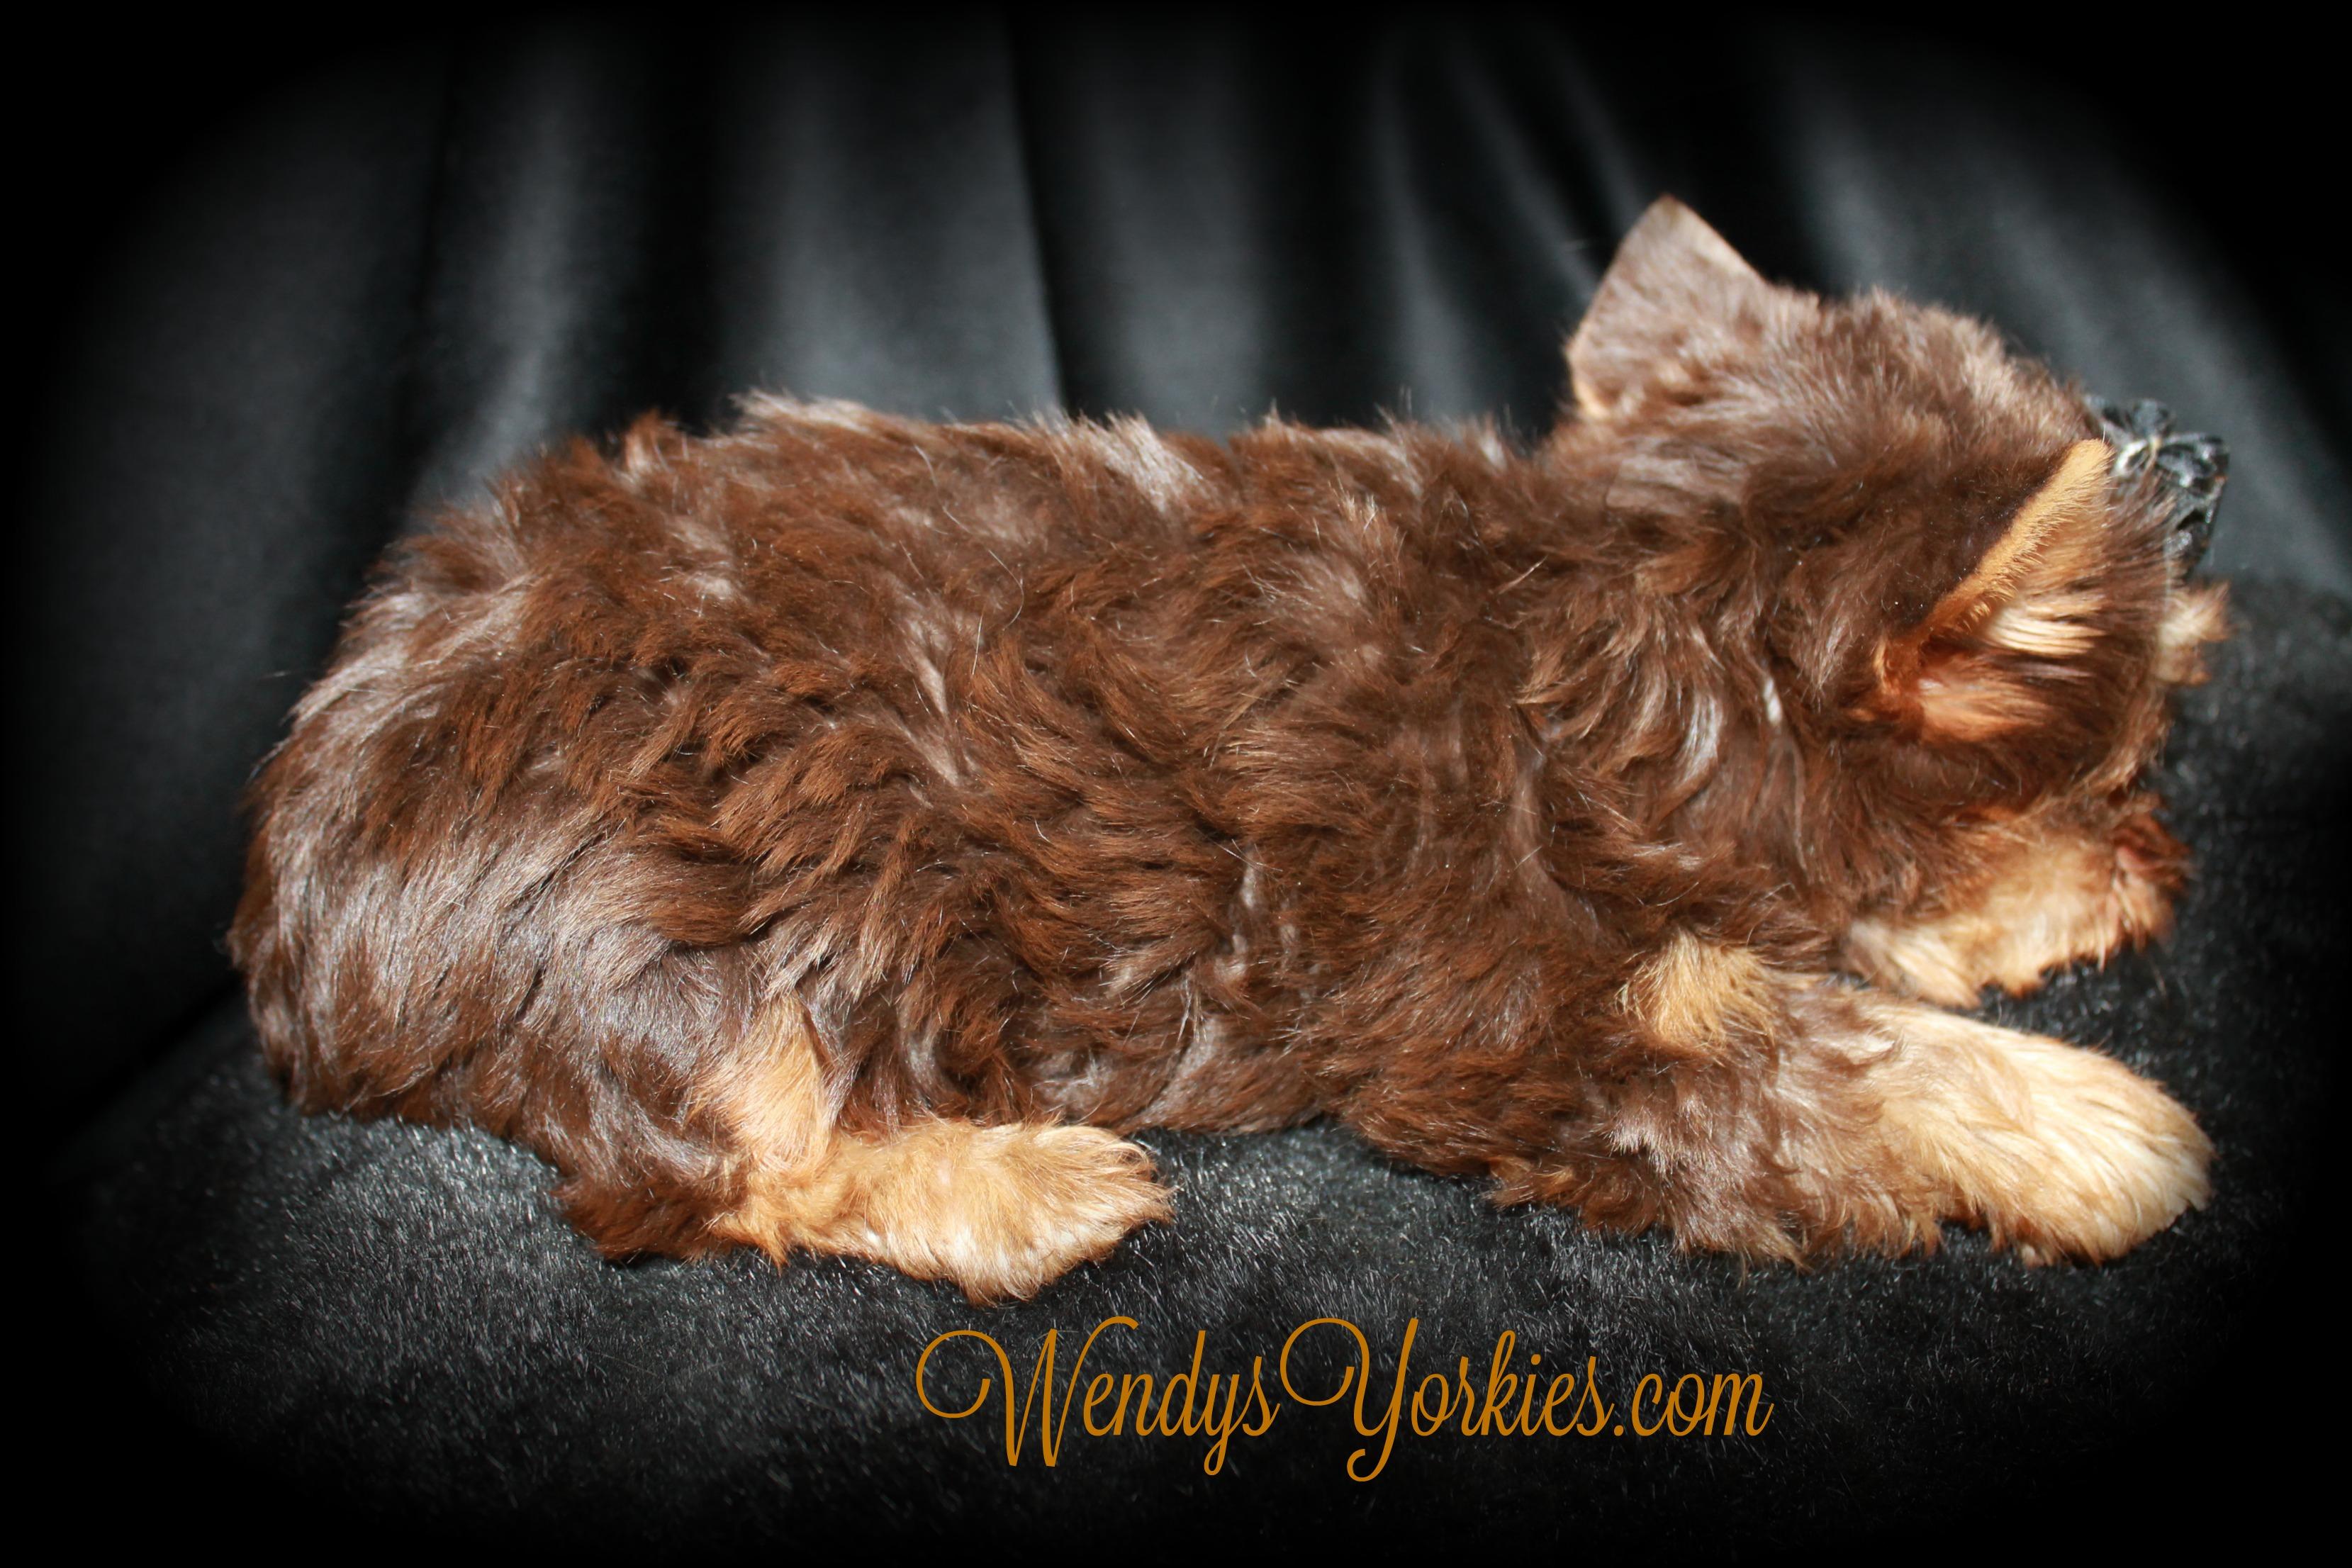 Chocolate Yorkie puppy for sale, WendysYorkies, Skeeter m1